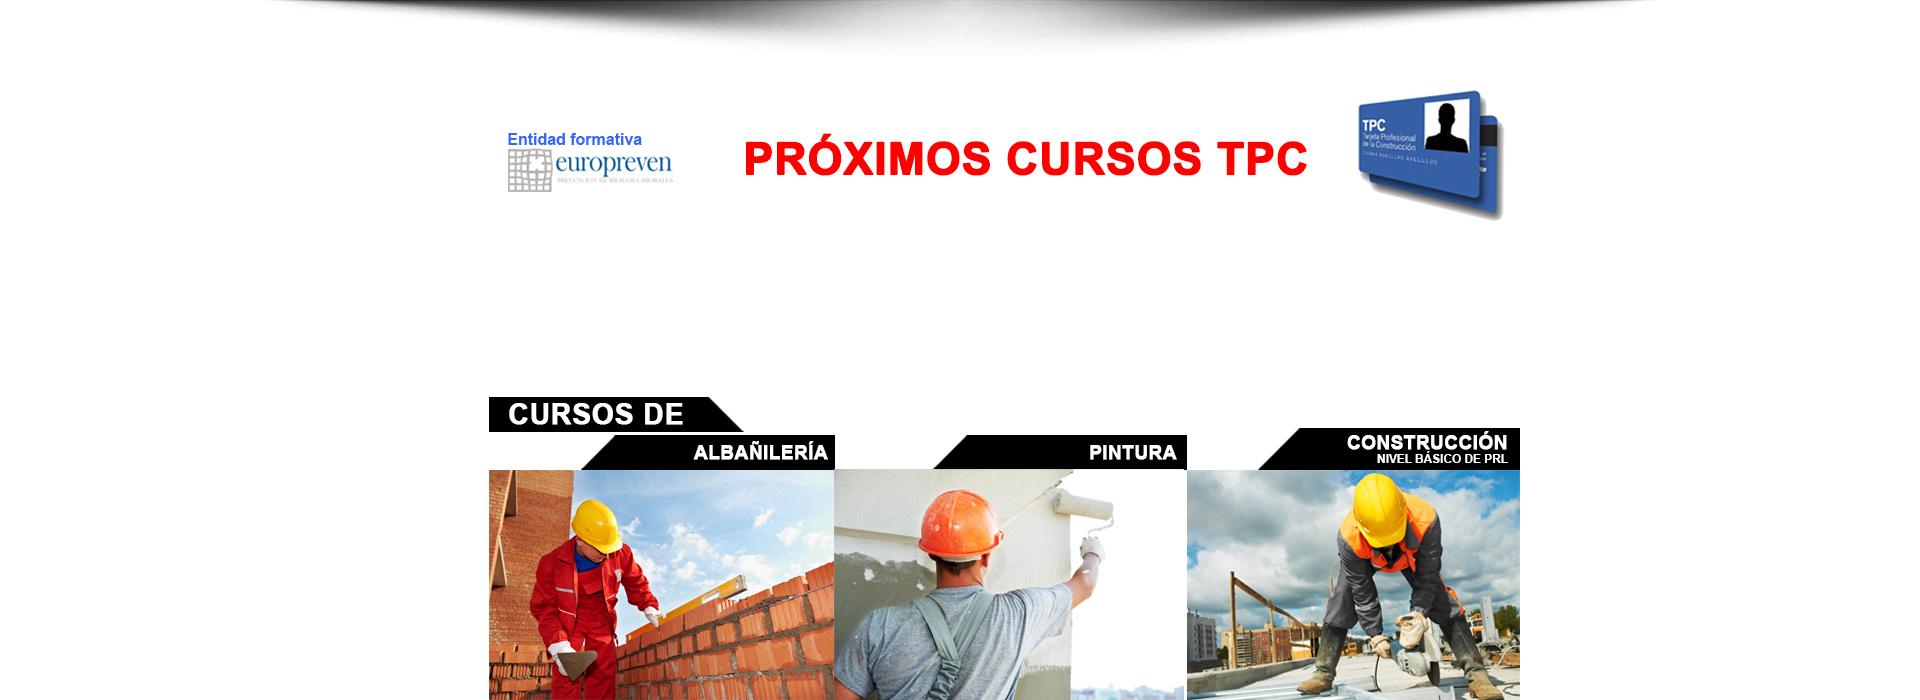 Prevención riesgos laborales Almoradí, prevención riesgos laborales Vega Baja, prl Almoradí